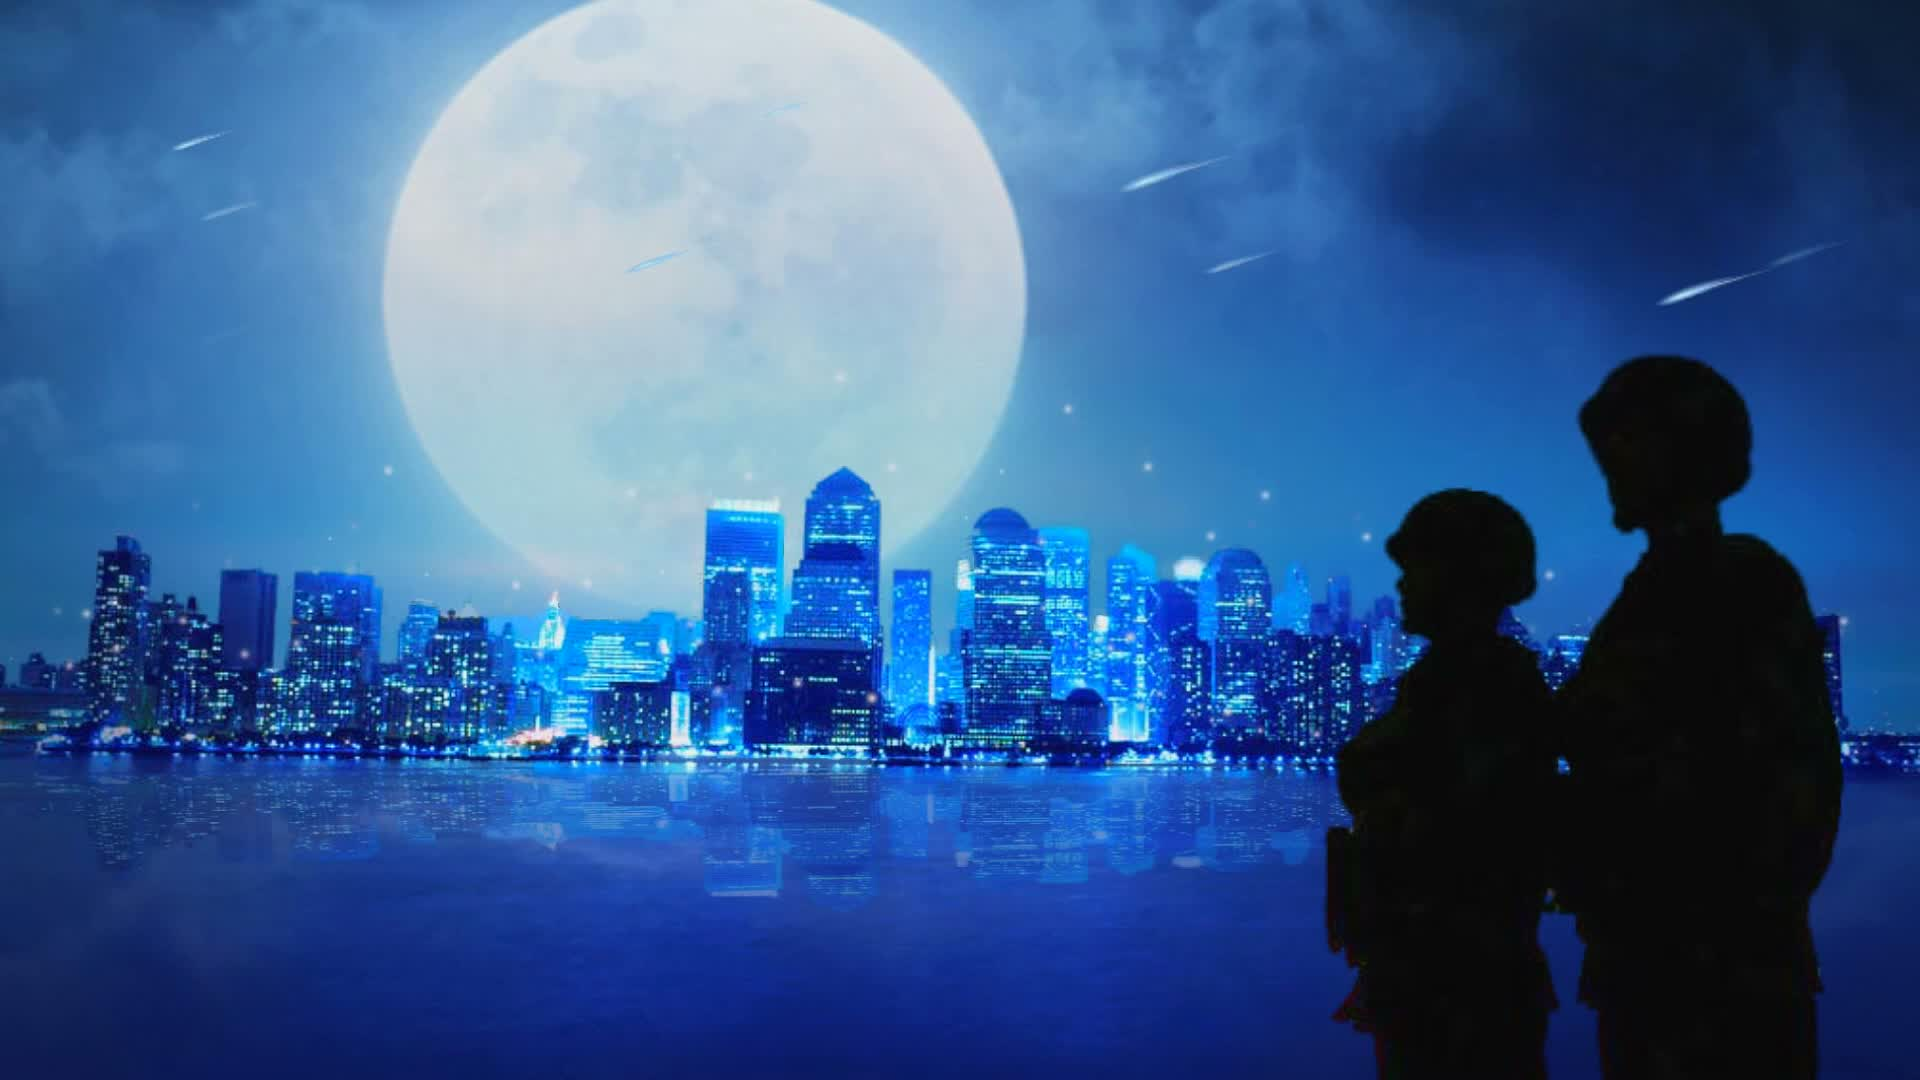 配乐成品 月亮之歌 军旅抒情歌曲